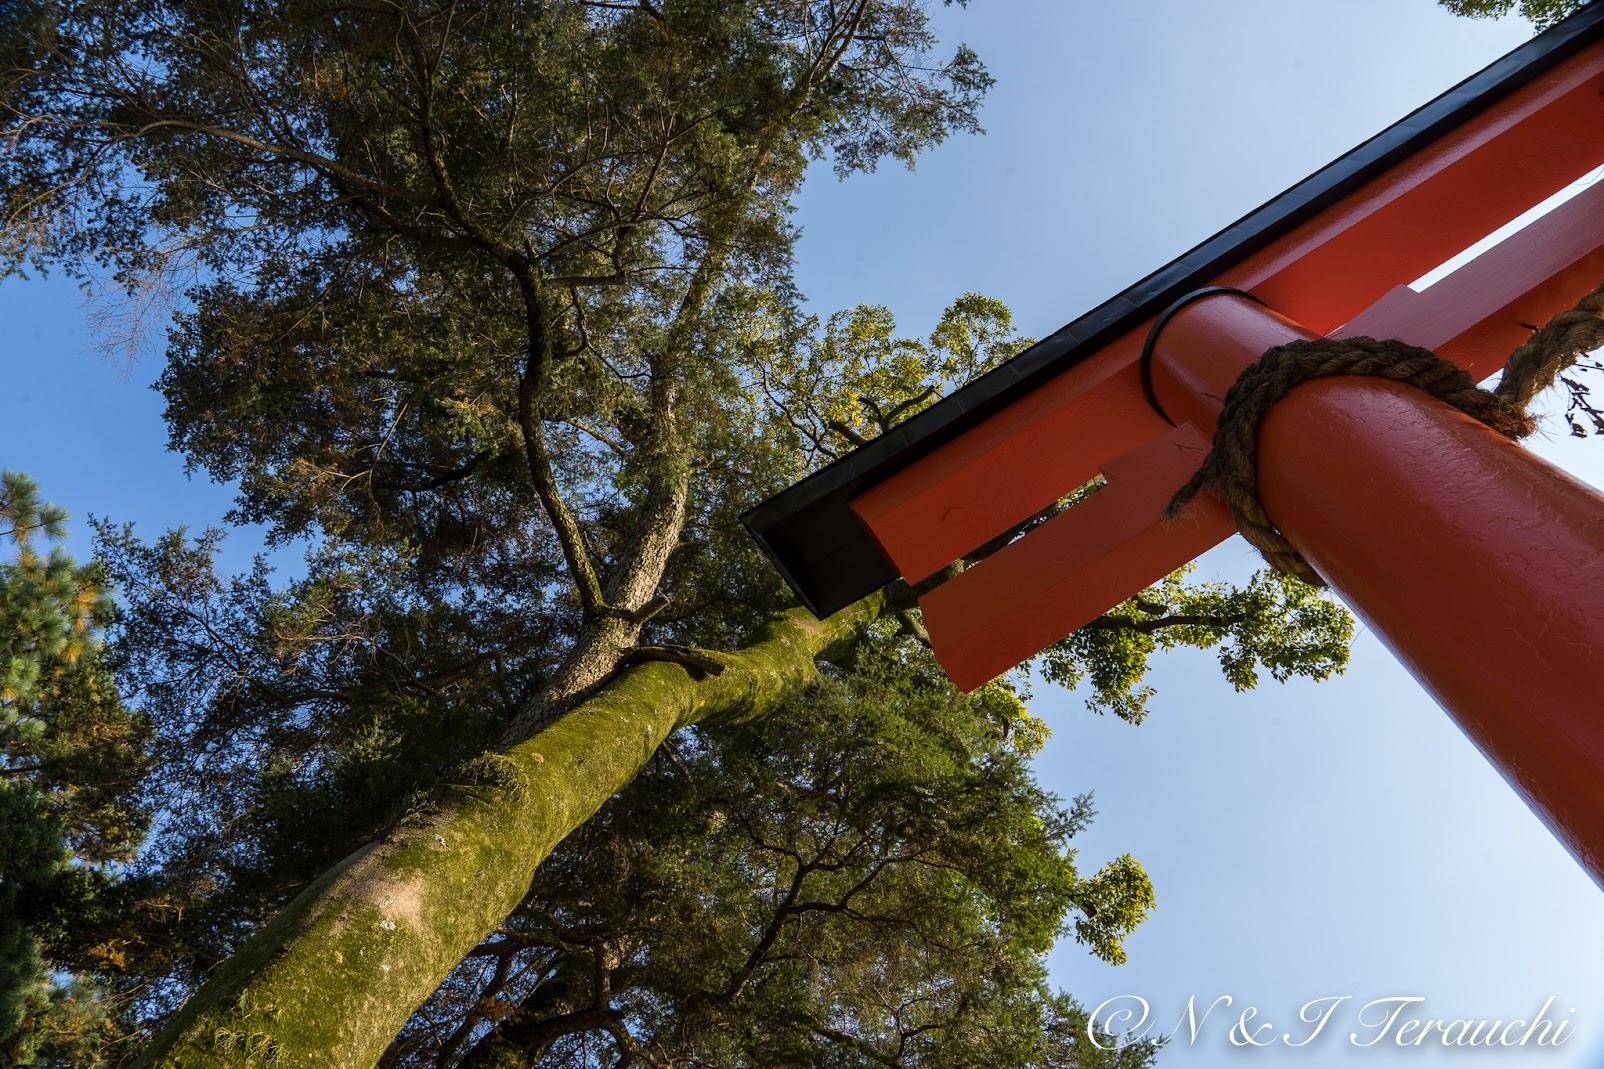 鳥居に寄り添う樹木